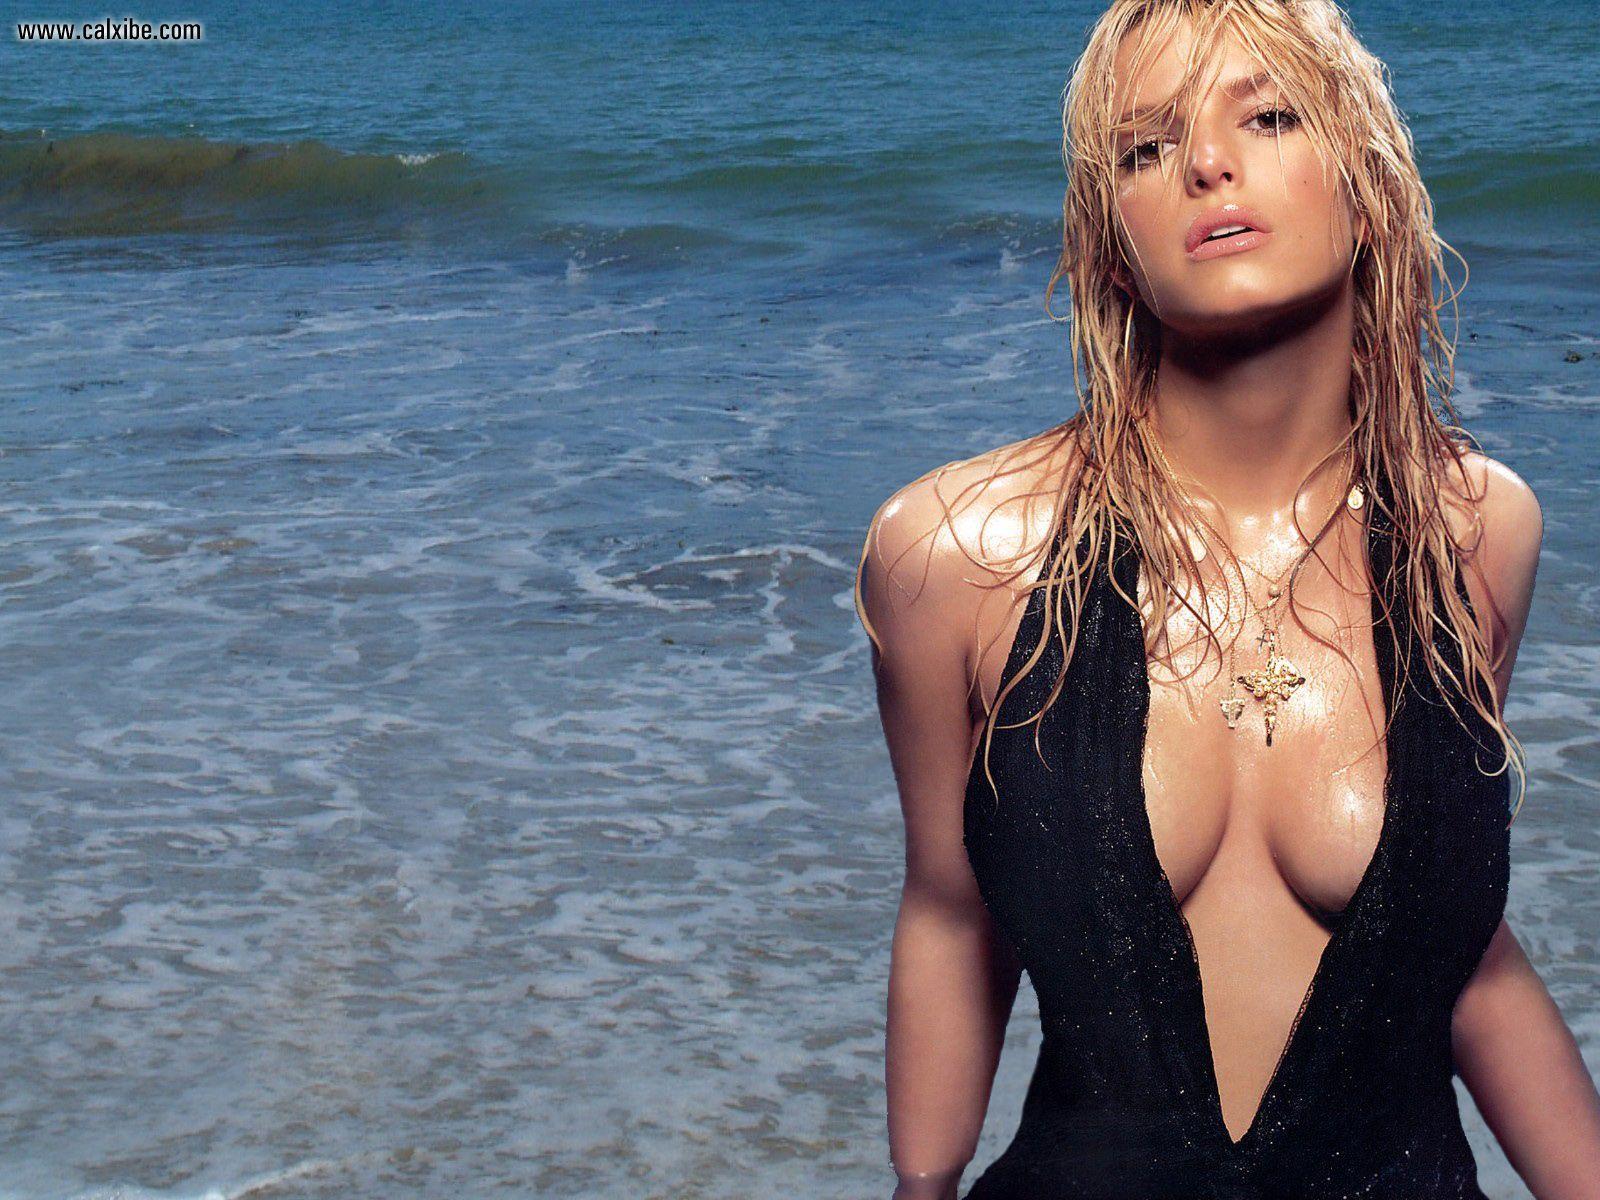 http://1.bp.blogspot.com/_v8m7eXaTUZ0/TBWHO6xCBEI/AAAAAAAAI6M/dgsAgpVGYDs/s1600/JessicaSimpsonW1.jpg